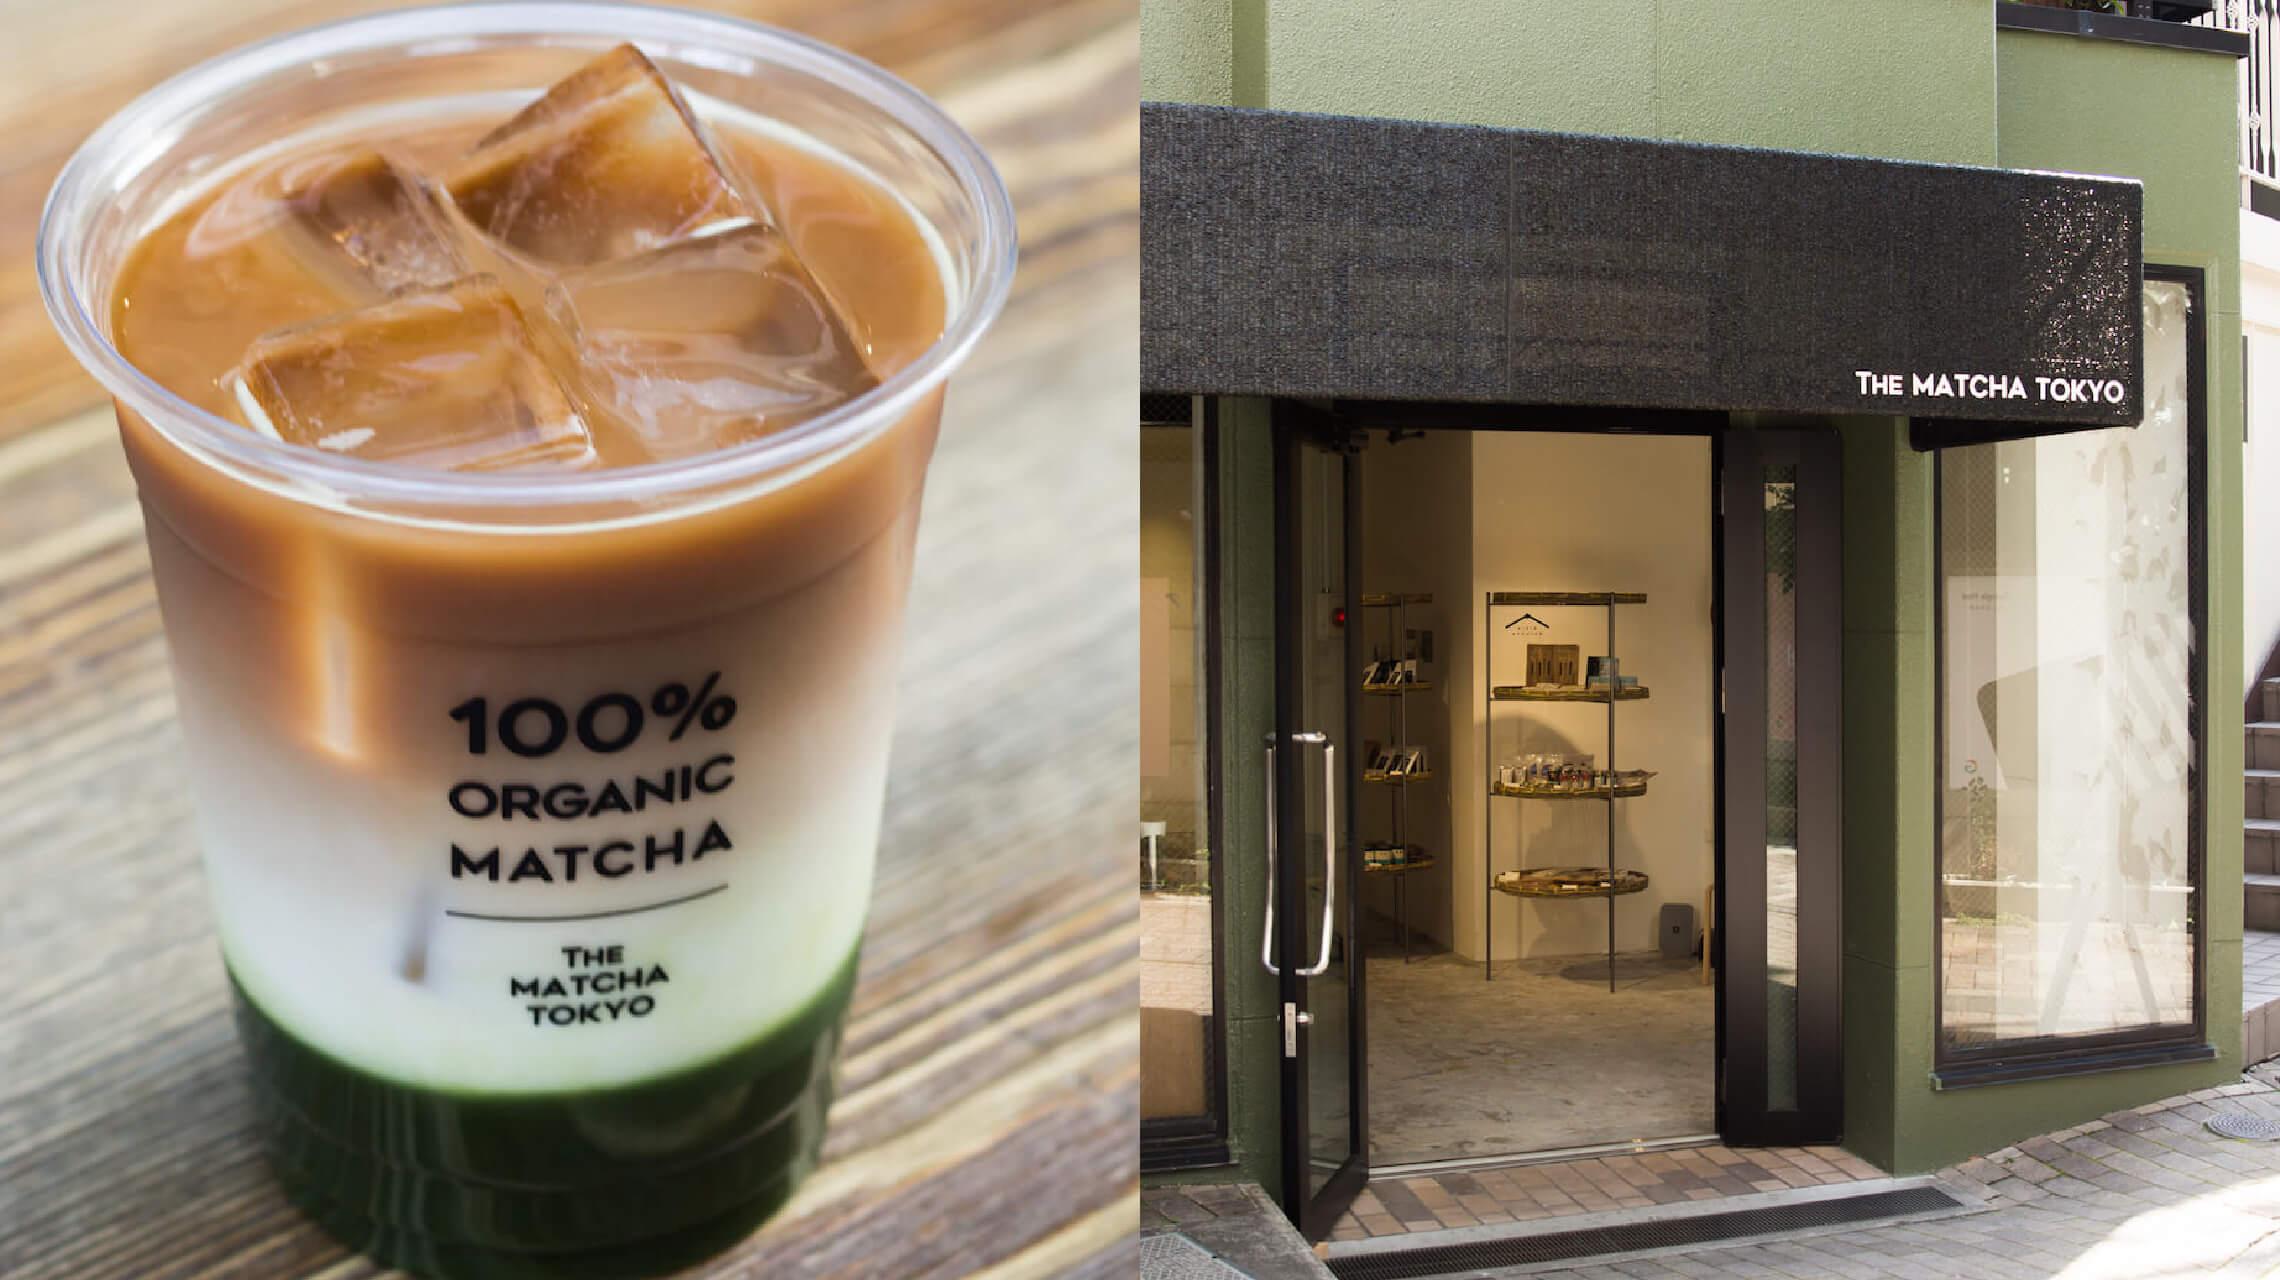 より健康に、美しく。オーガニック抹茶スタンド「THE MATCHA TOKYO 表参道」オープン